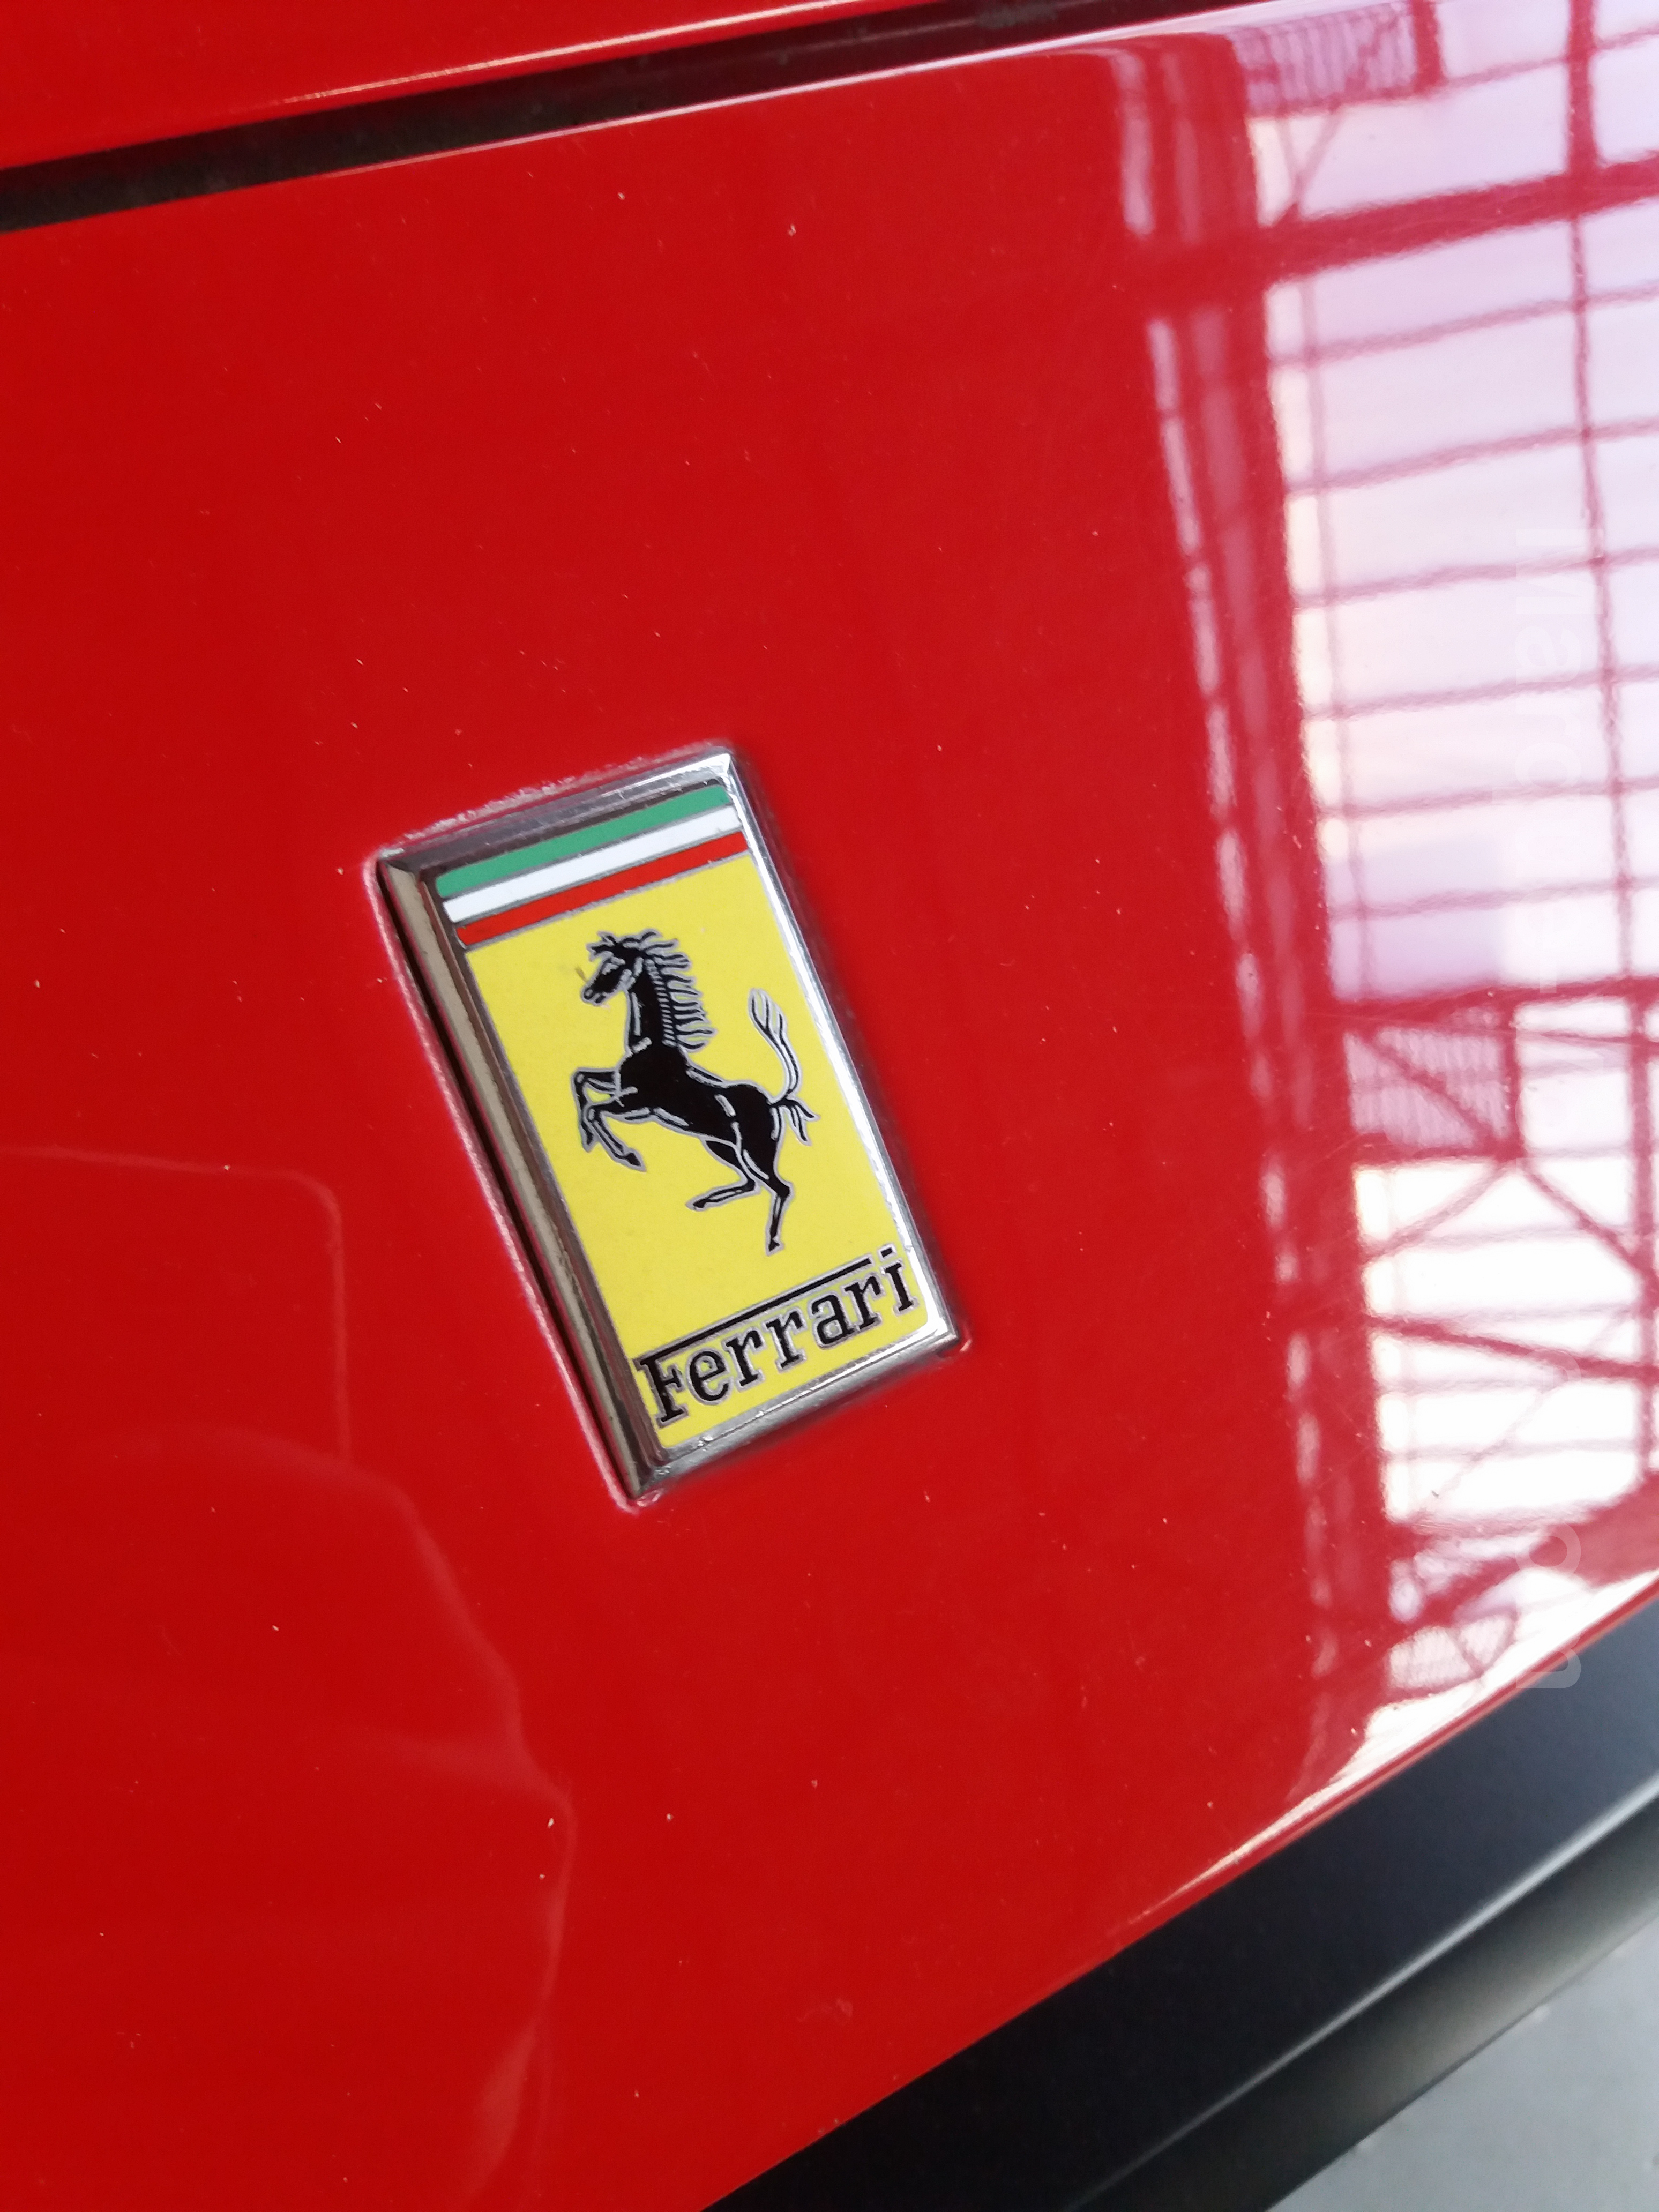 Le logo ferrari les marques de voitures - Image de voiture ferrari ...